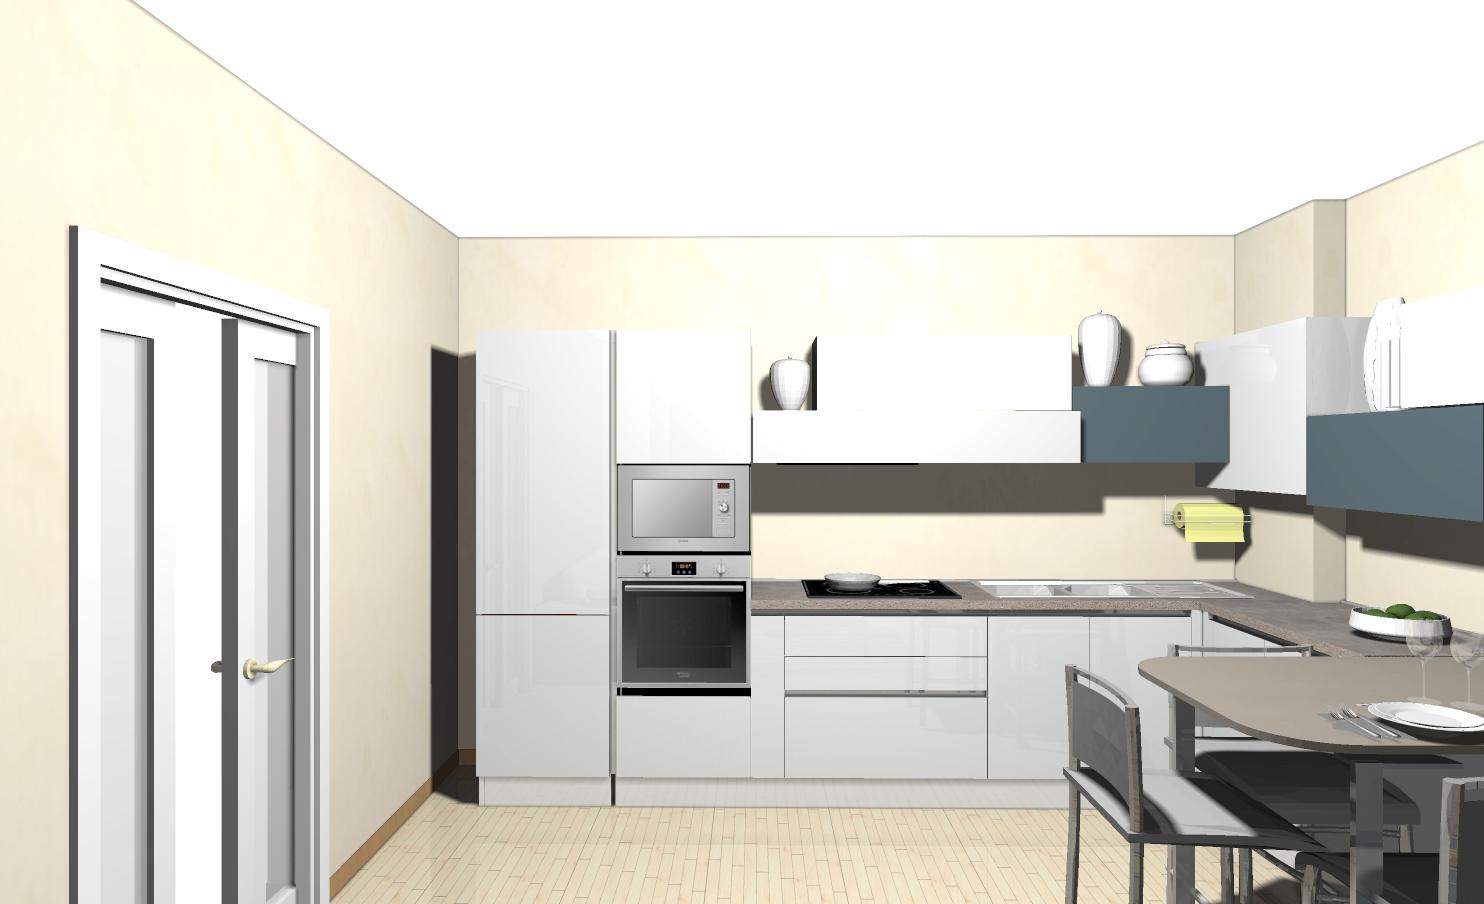 progetto ambiente unico archives - non solo mobili: cucina ... - Realizzare Unico Ambiente Cucina Soggiorno 2